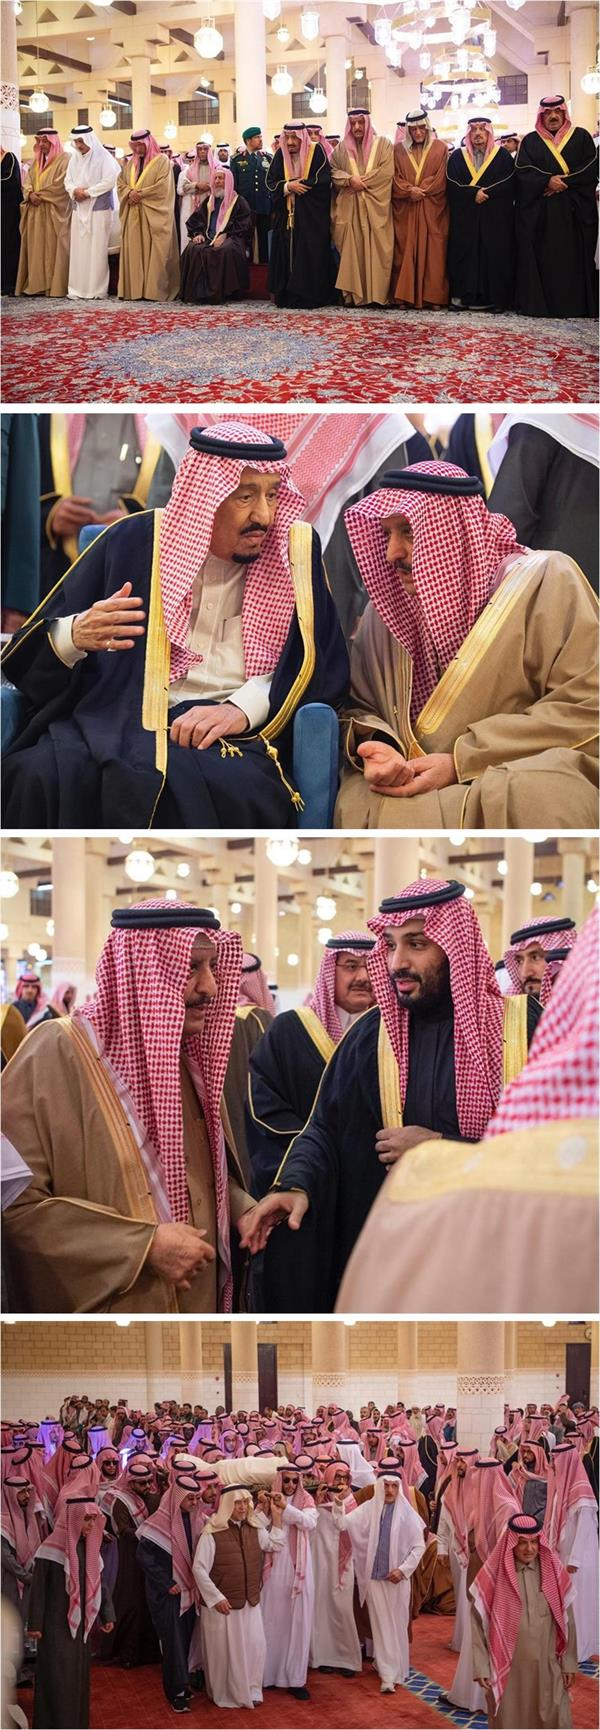 خادم الحرمين الشريفين يؤدي صلاة الميت على الأمير بندر بن محمد بن عبدالرحمن